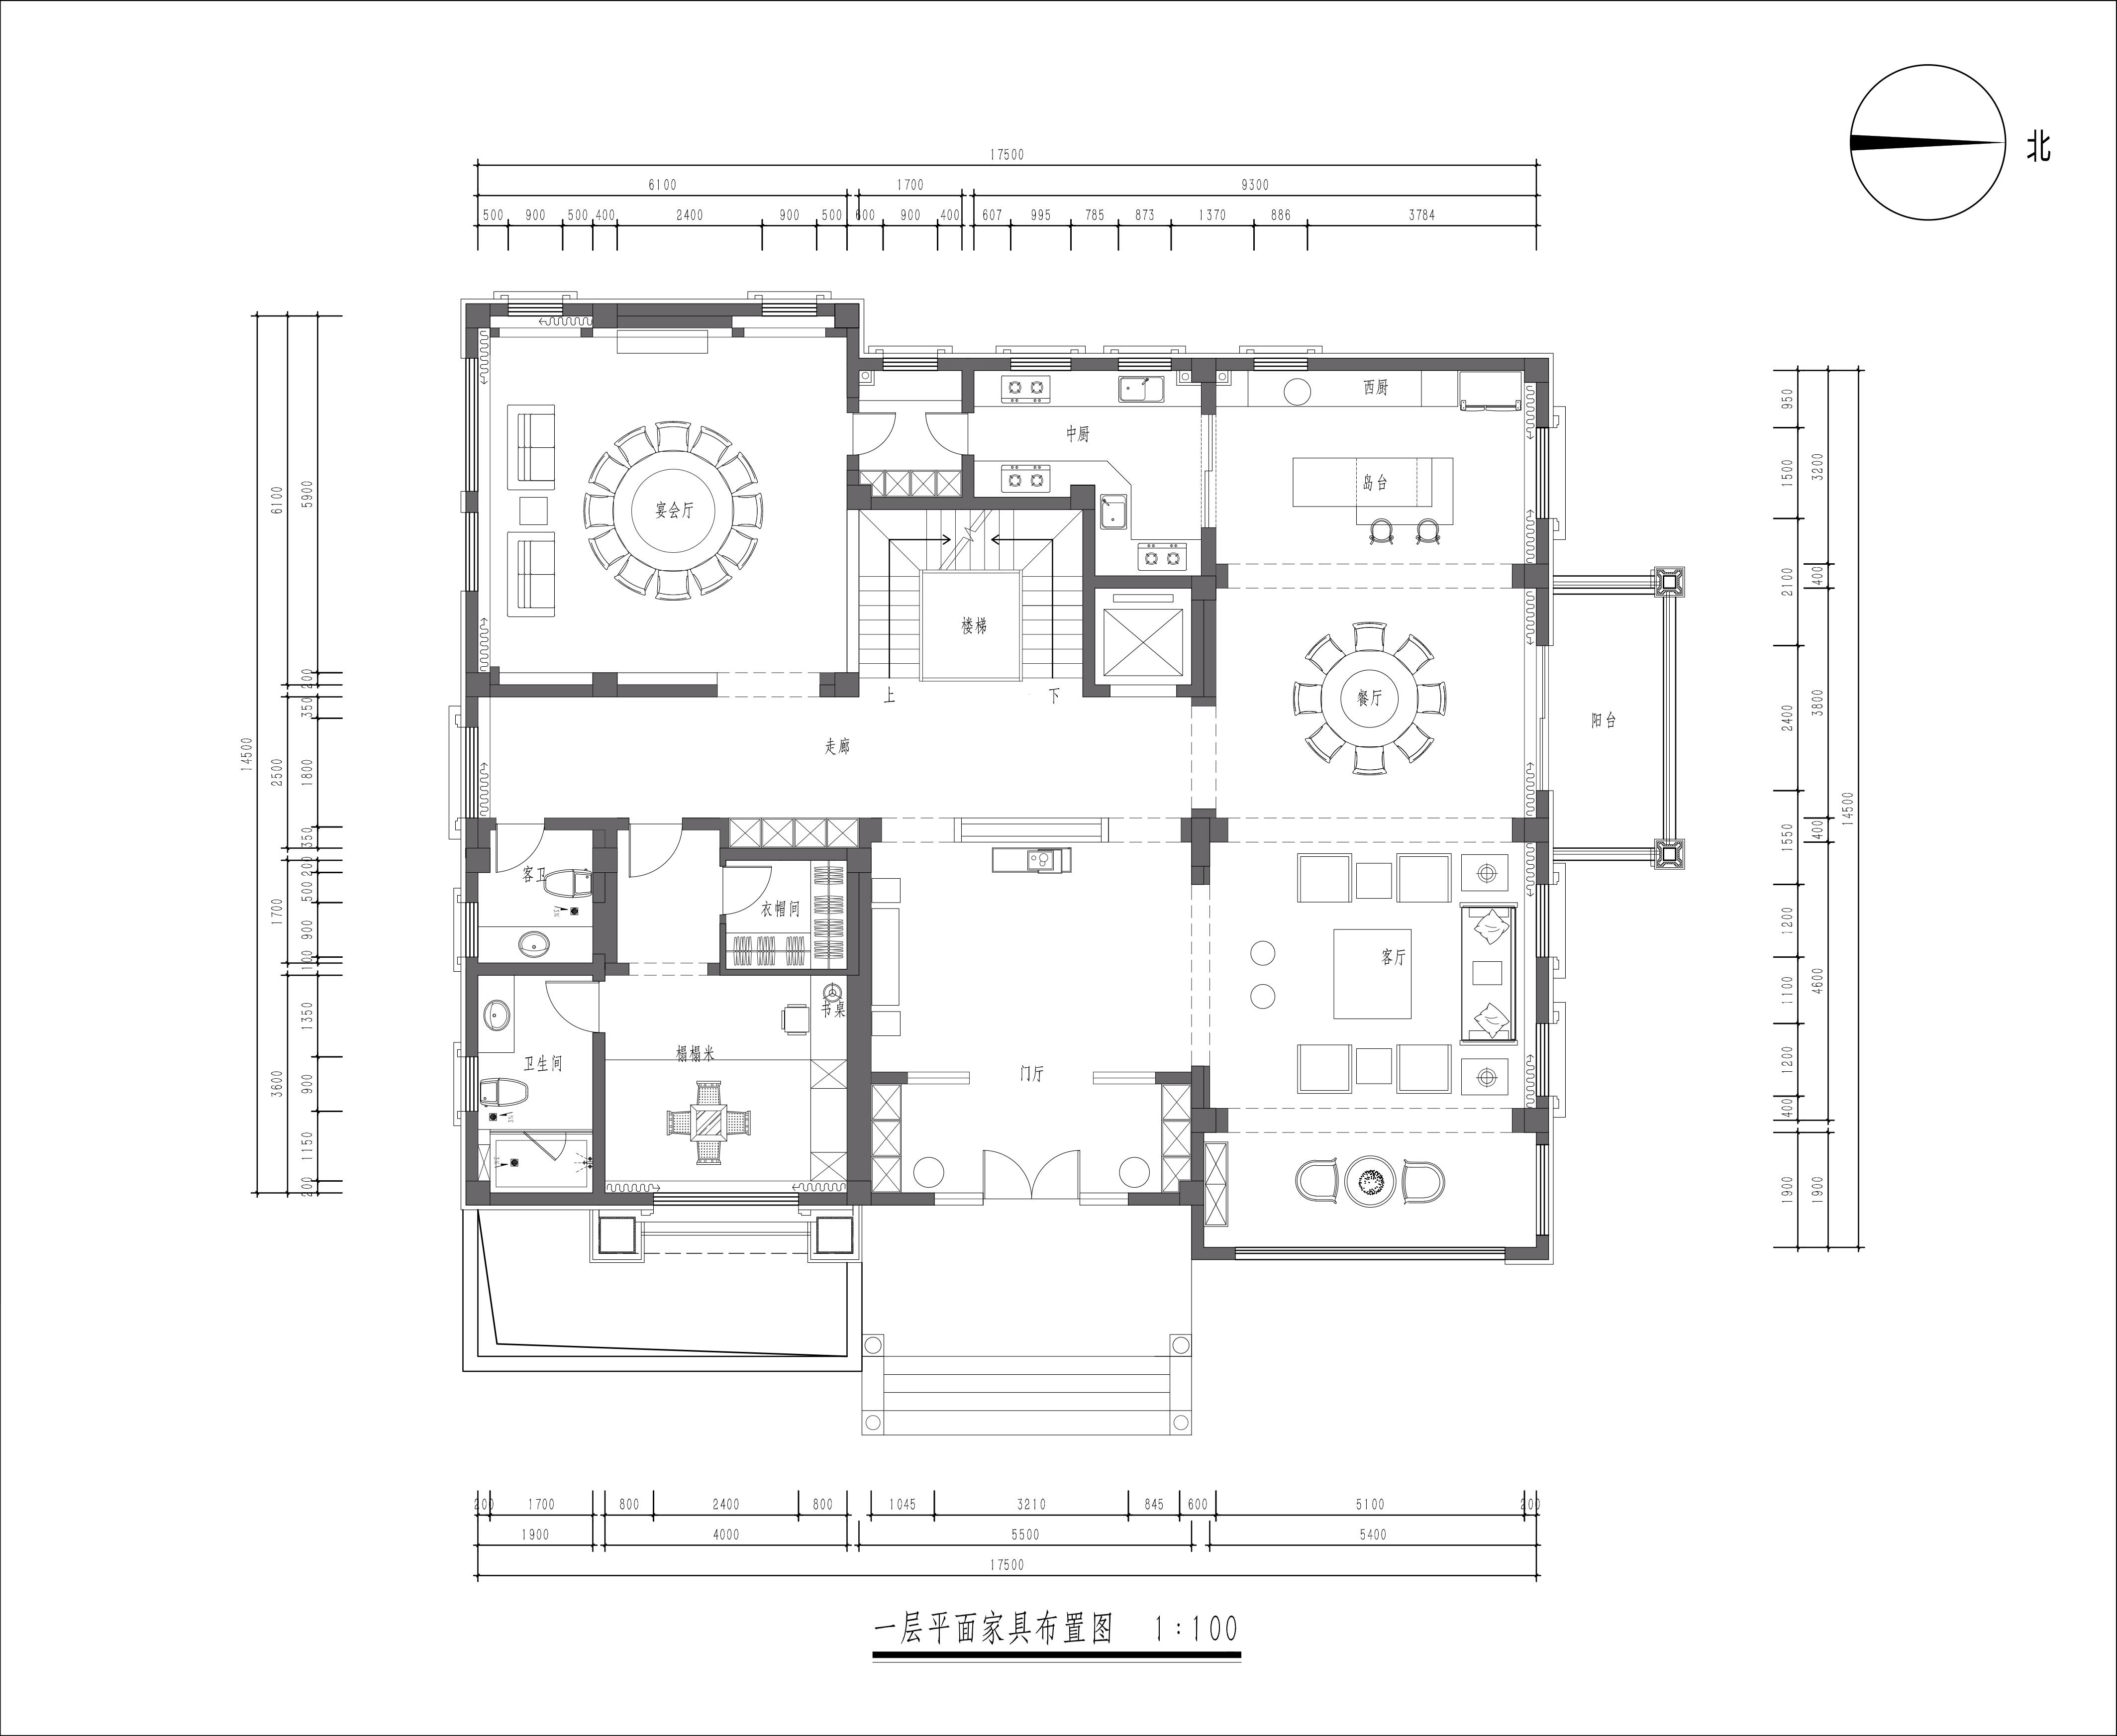 依云谷 | 560平米设计案例 新中式装修效果图装修设计理念